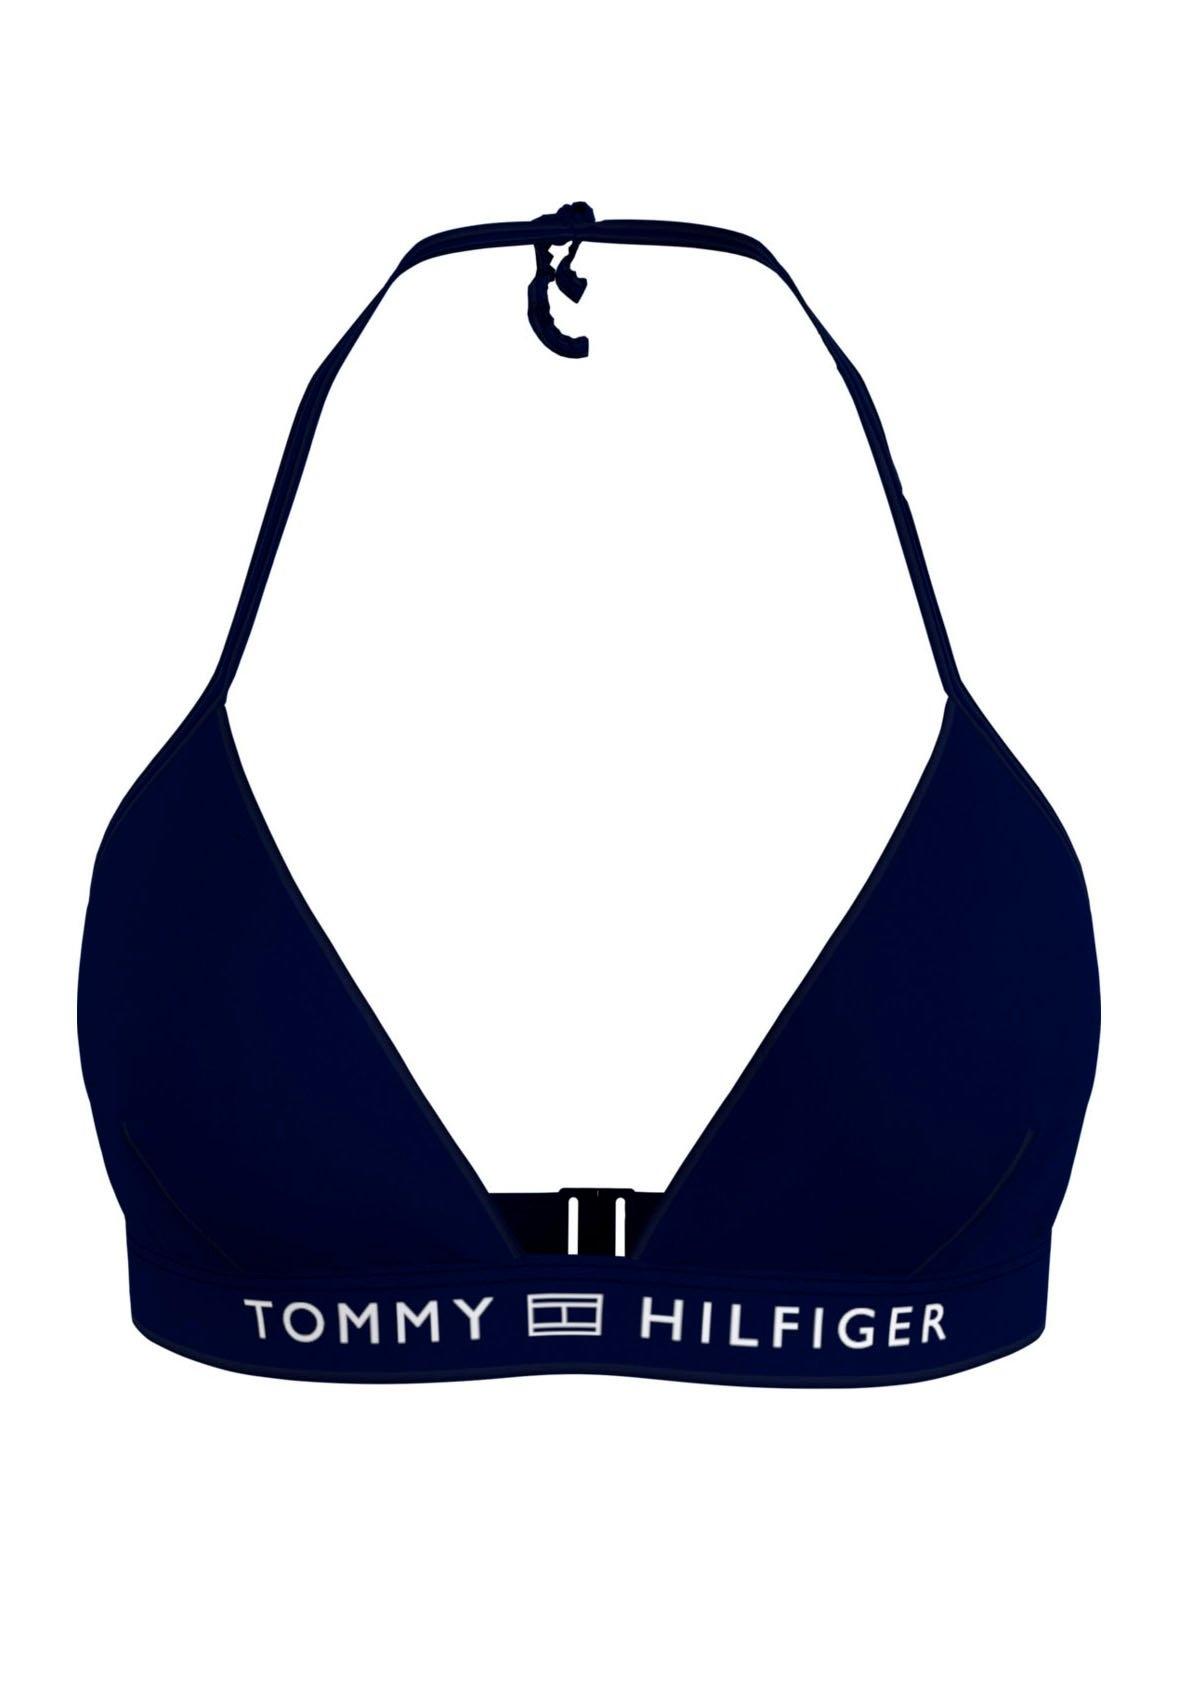 Tommy Hilfiger triangel-bikinitop online kopen op otto.nl